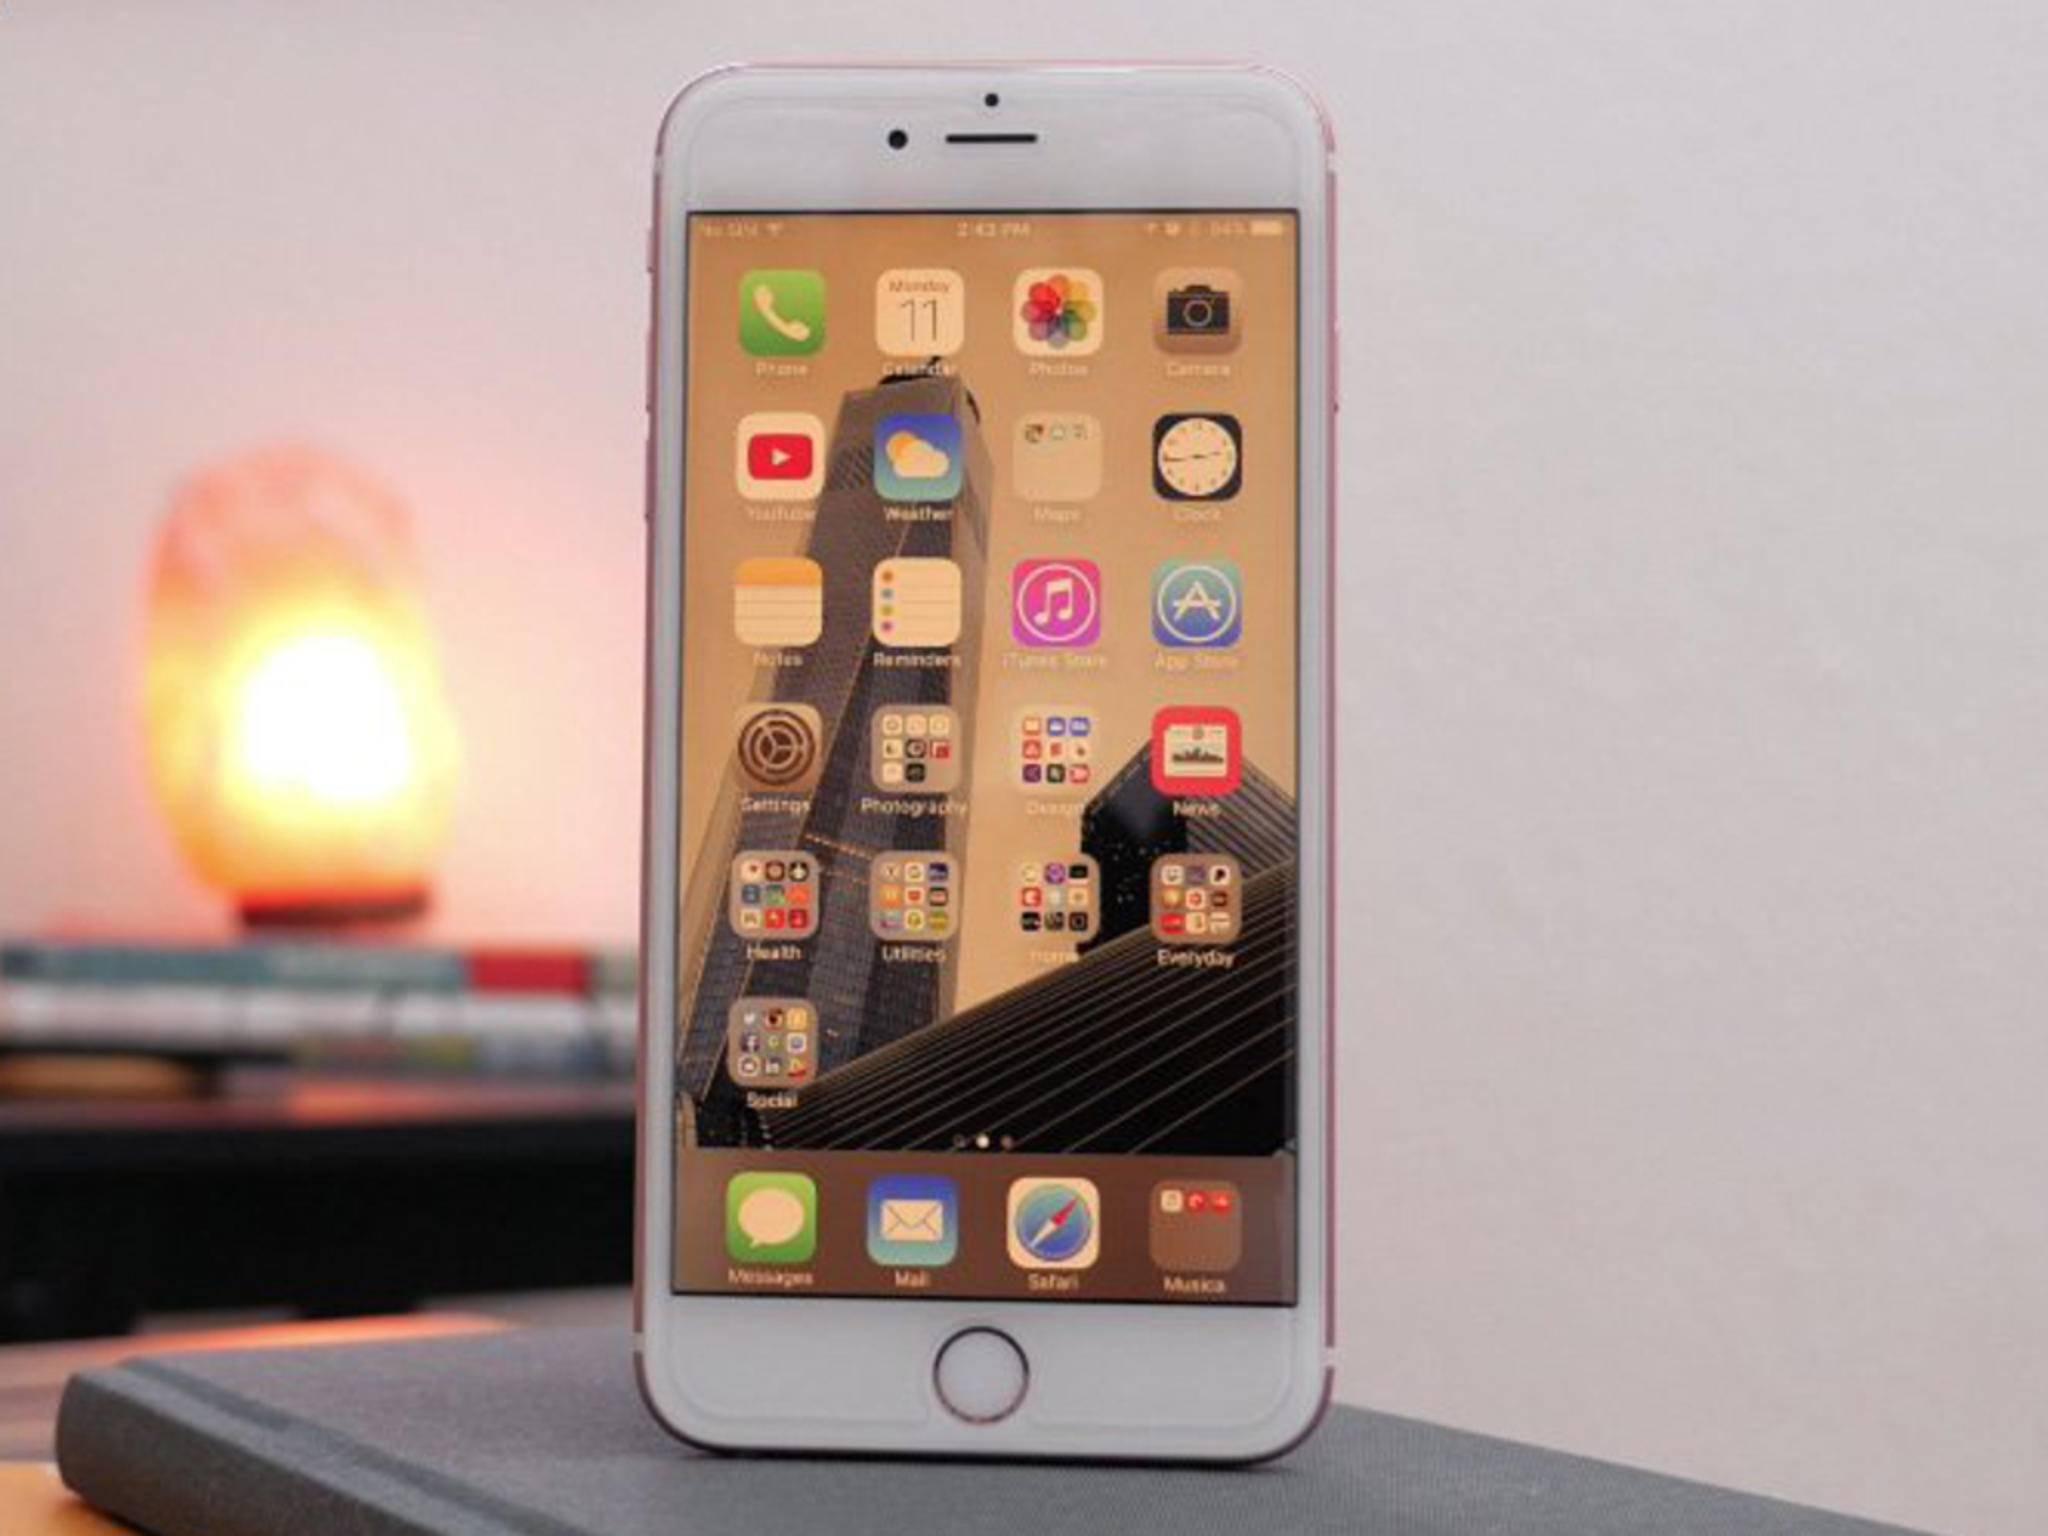 Der Night Shift-Modus auf dem iPhone.